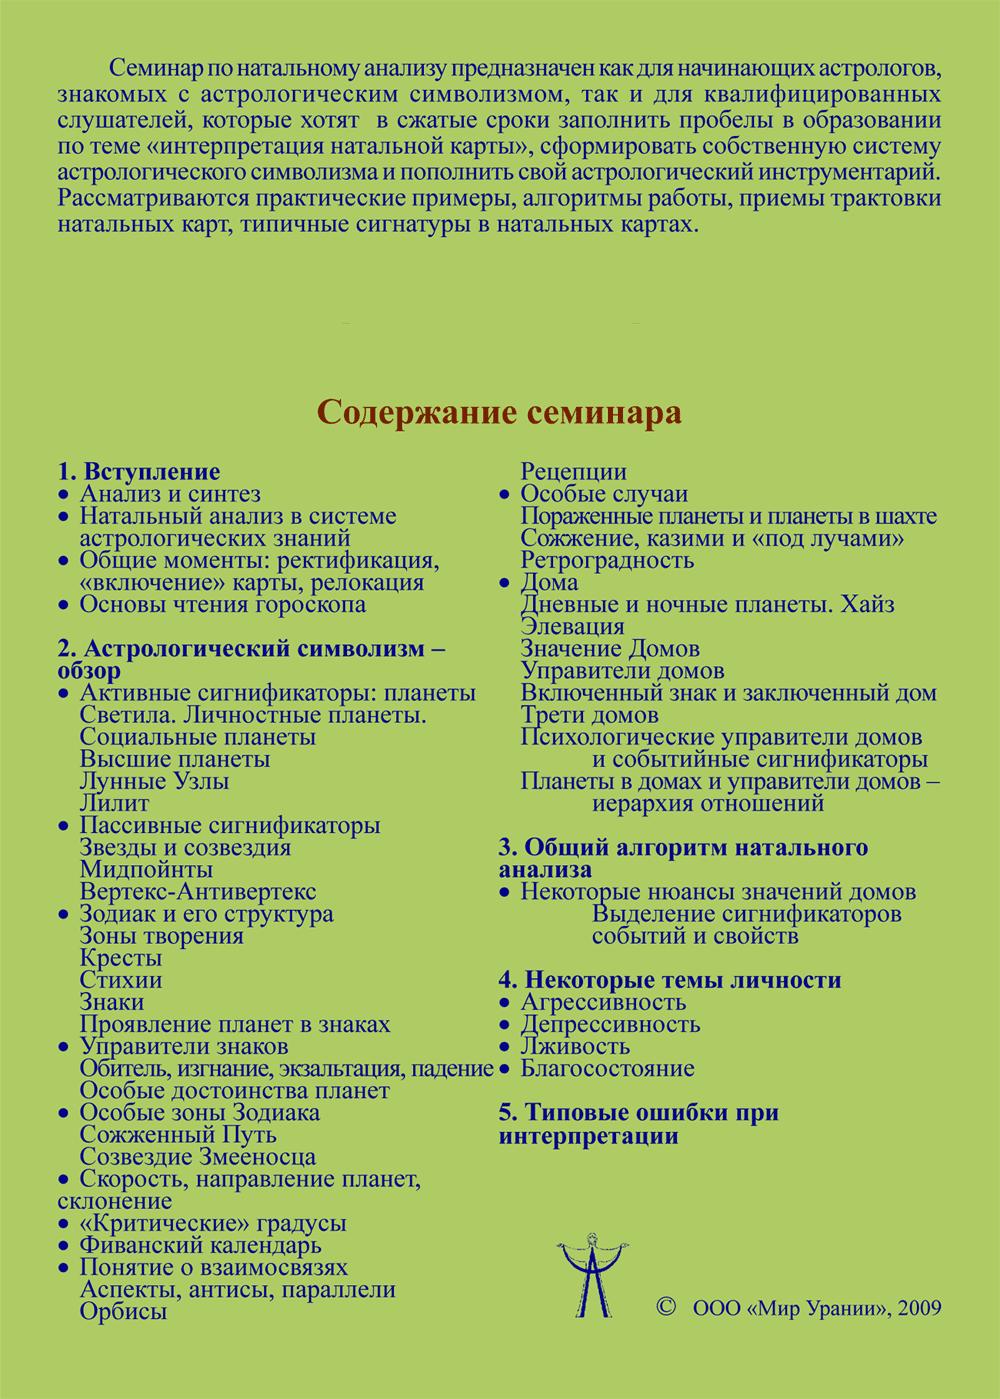 Что такое телесно-ориентированная психотерапия? телесно-ориентированная психотерапия — это… расписание тренингов. самопознание.ру